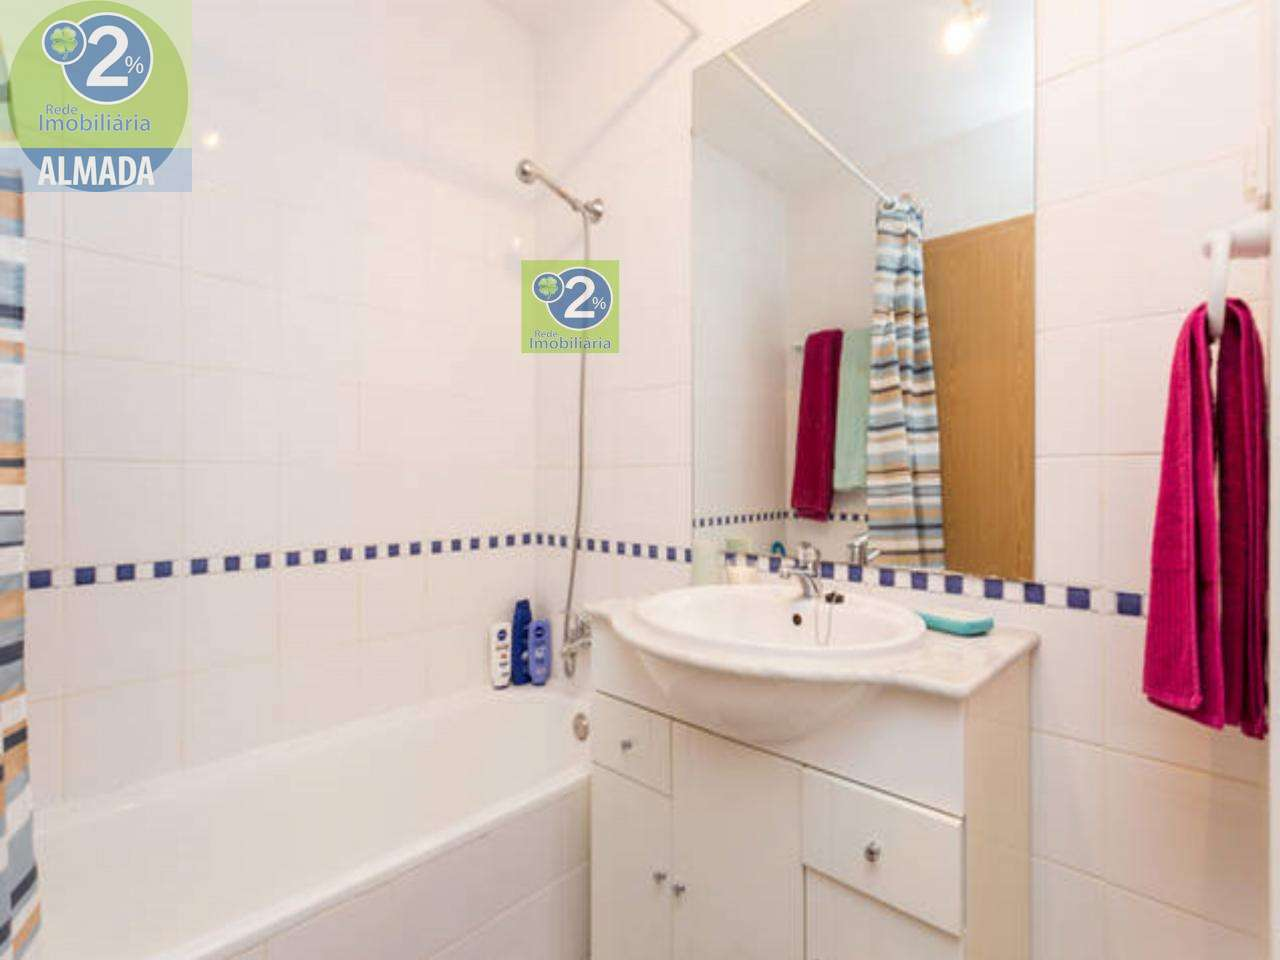 Apartamento para comprar, Portimão, Faro - Foto 5